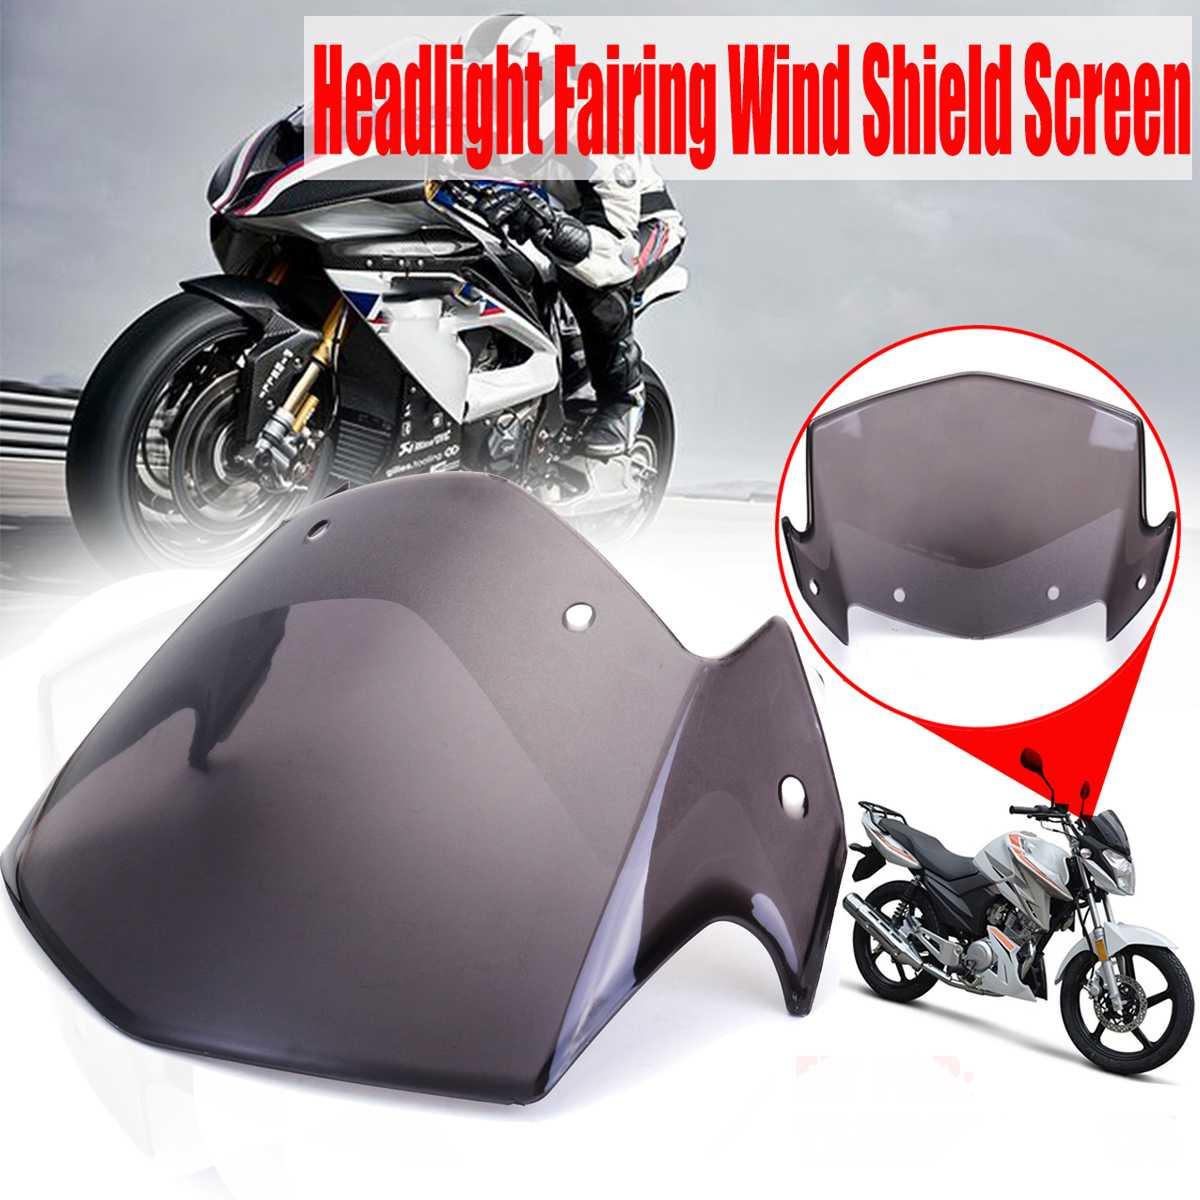 Motorcycle Wind Deflector Windscreen Windshield For Yamaha YBR 125 YBR125 2014-2017 Headlight Fairing Wind Shield Screen